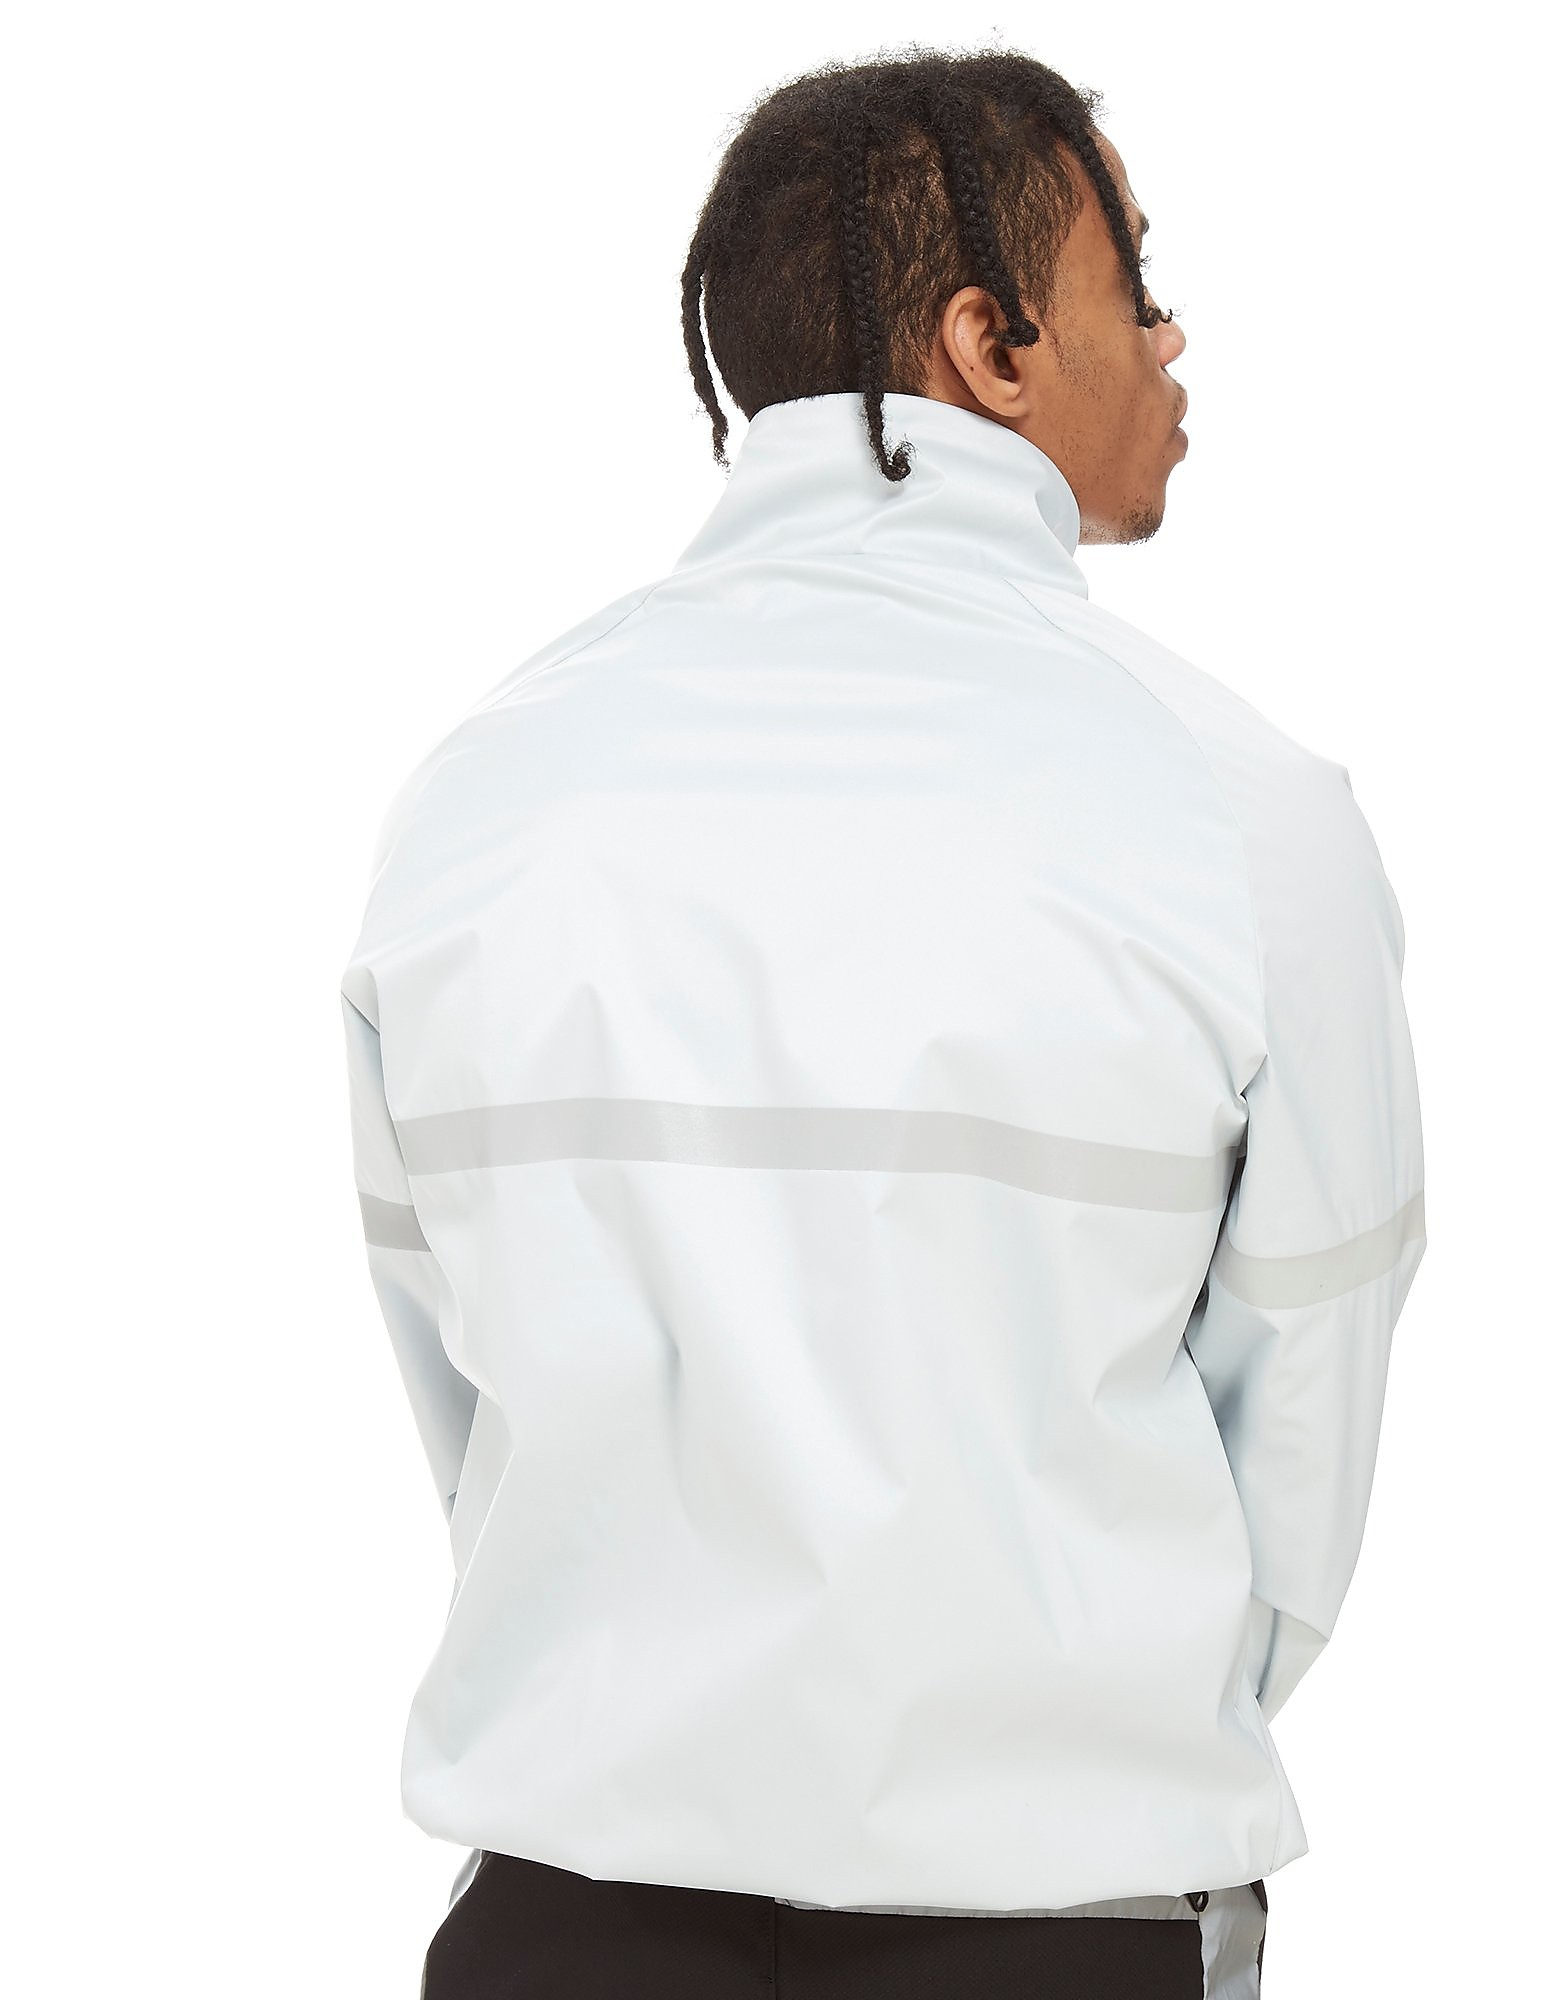 Align Bearcat Half Zip Jacket